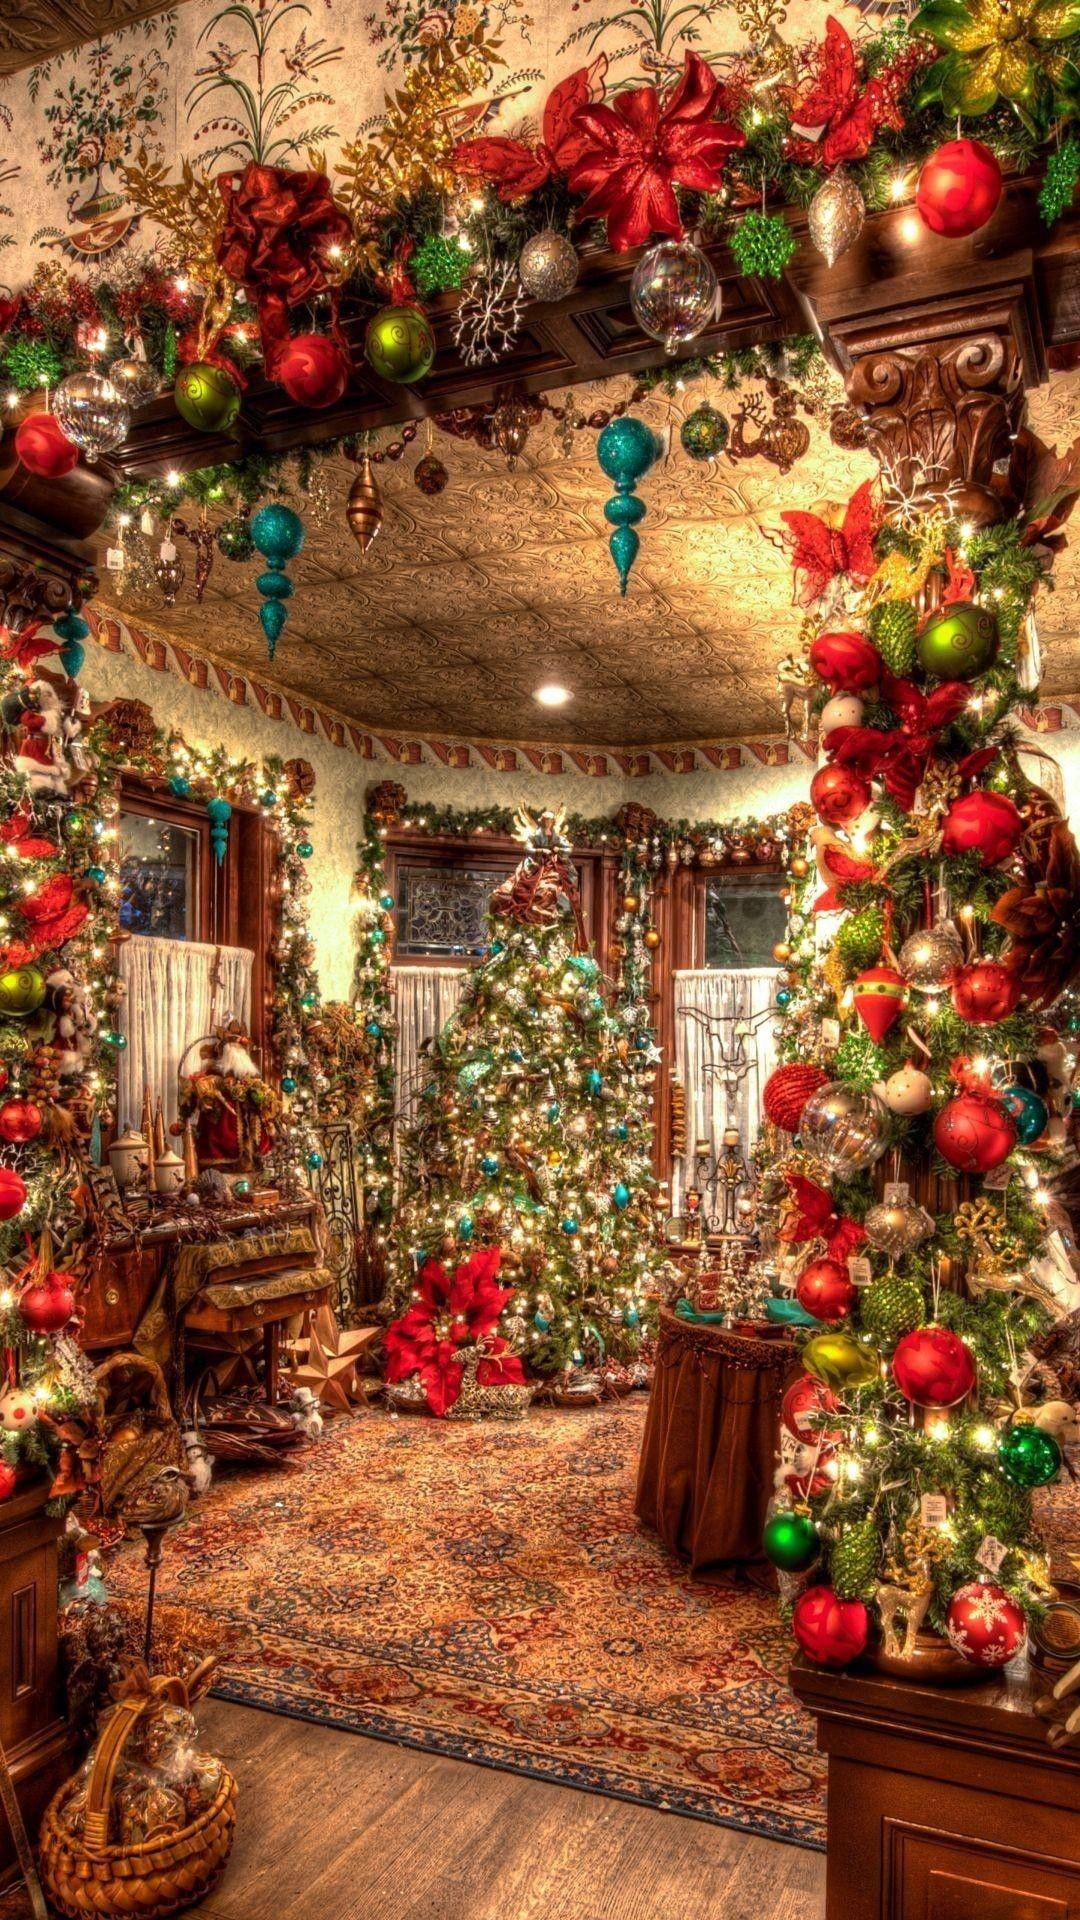 【人気10位】クリスマスツリー iPhone7, スマホ壁紙/待受画像ギャラリー 風景